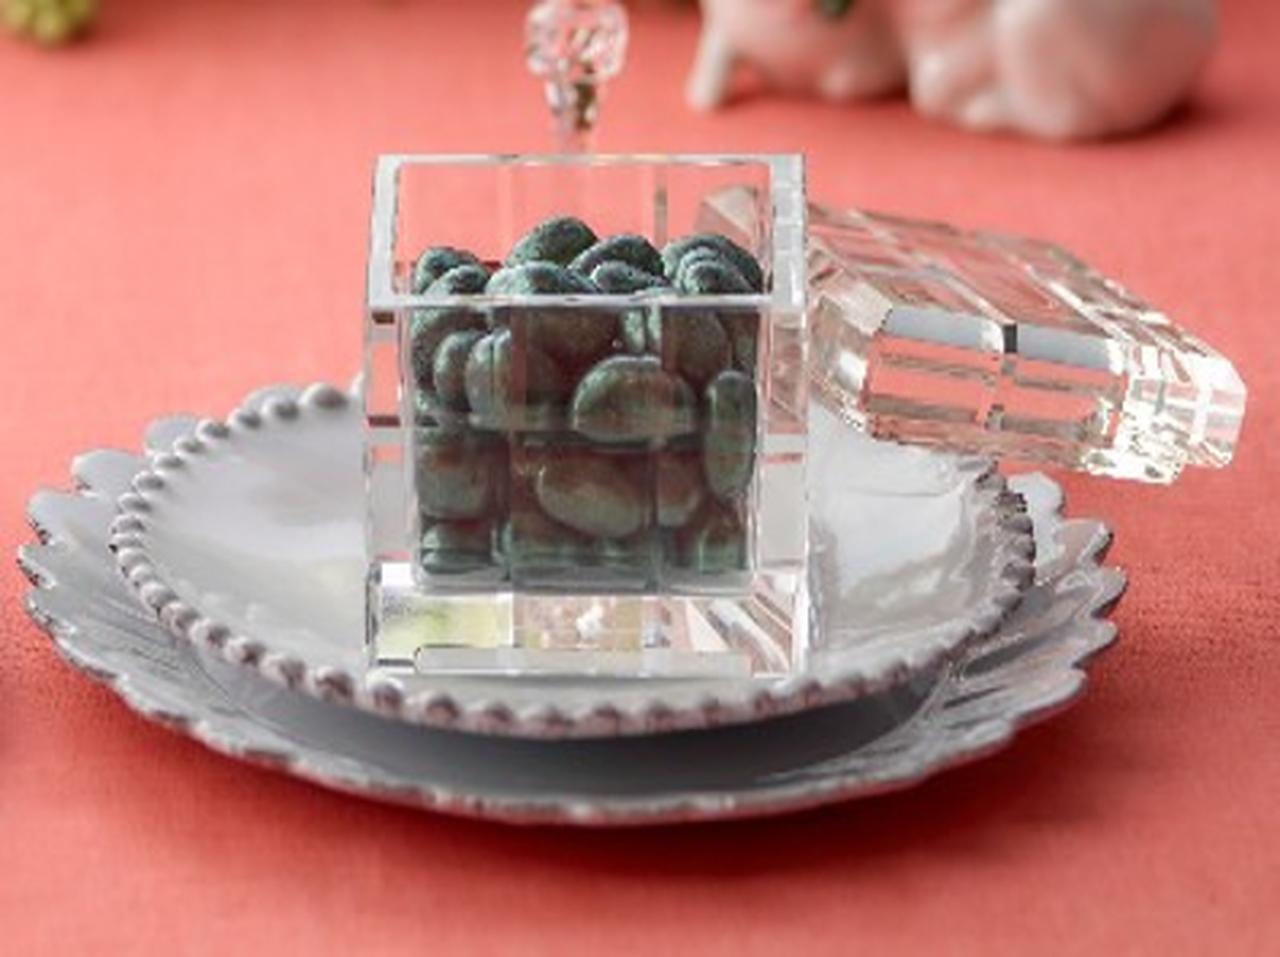 画像: ■マリベル ニューヨーク/ガラスキューブ エメラルドピスタチオボール〔約65g〕 5,400円 宝石のようなピスタチオボールをガラスキューブに詰めました。